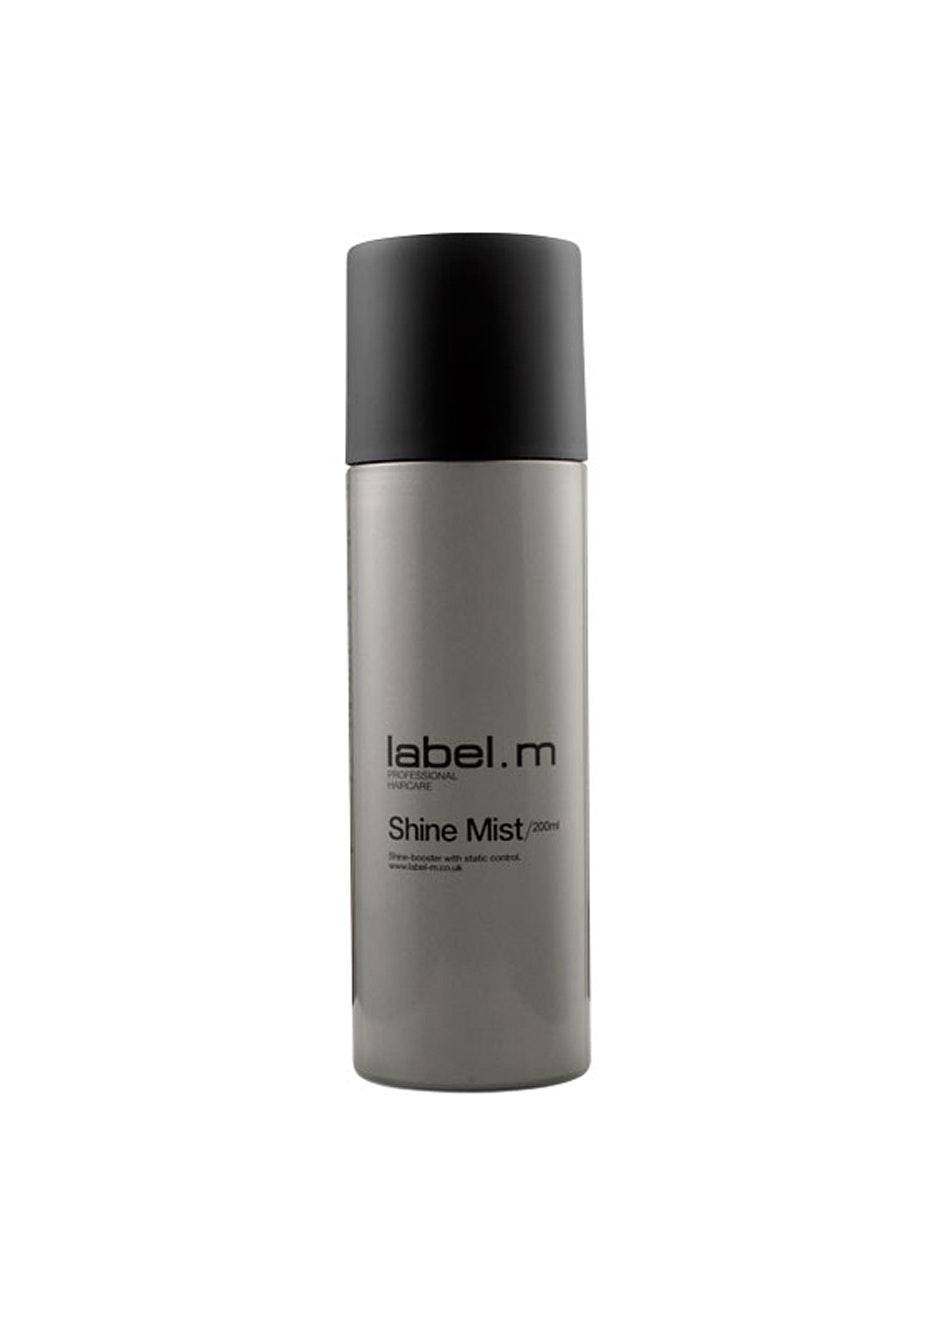 label.m - Shine Mist 200ml